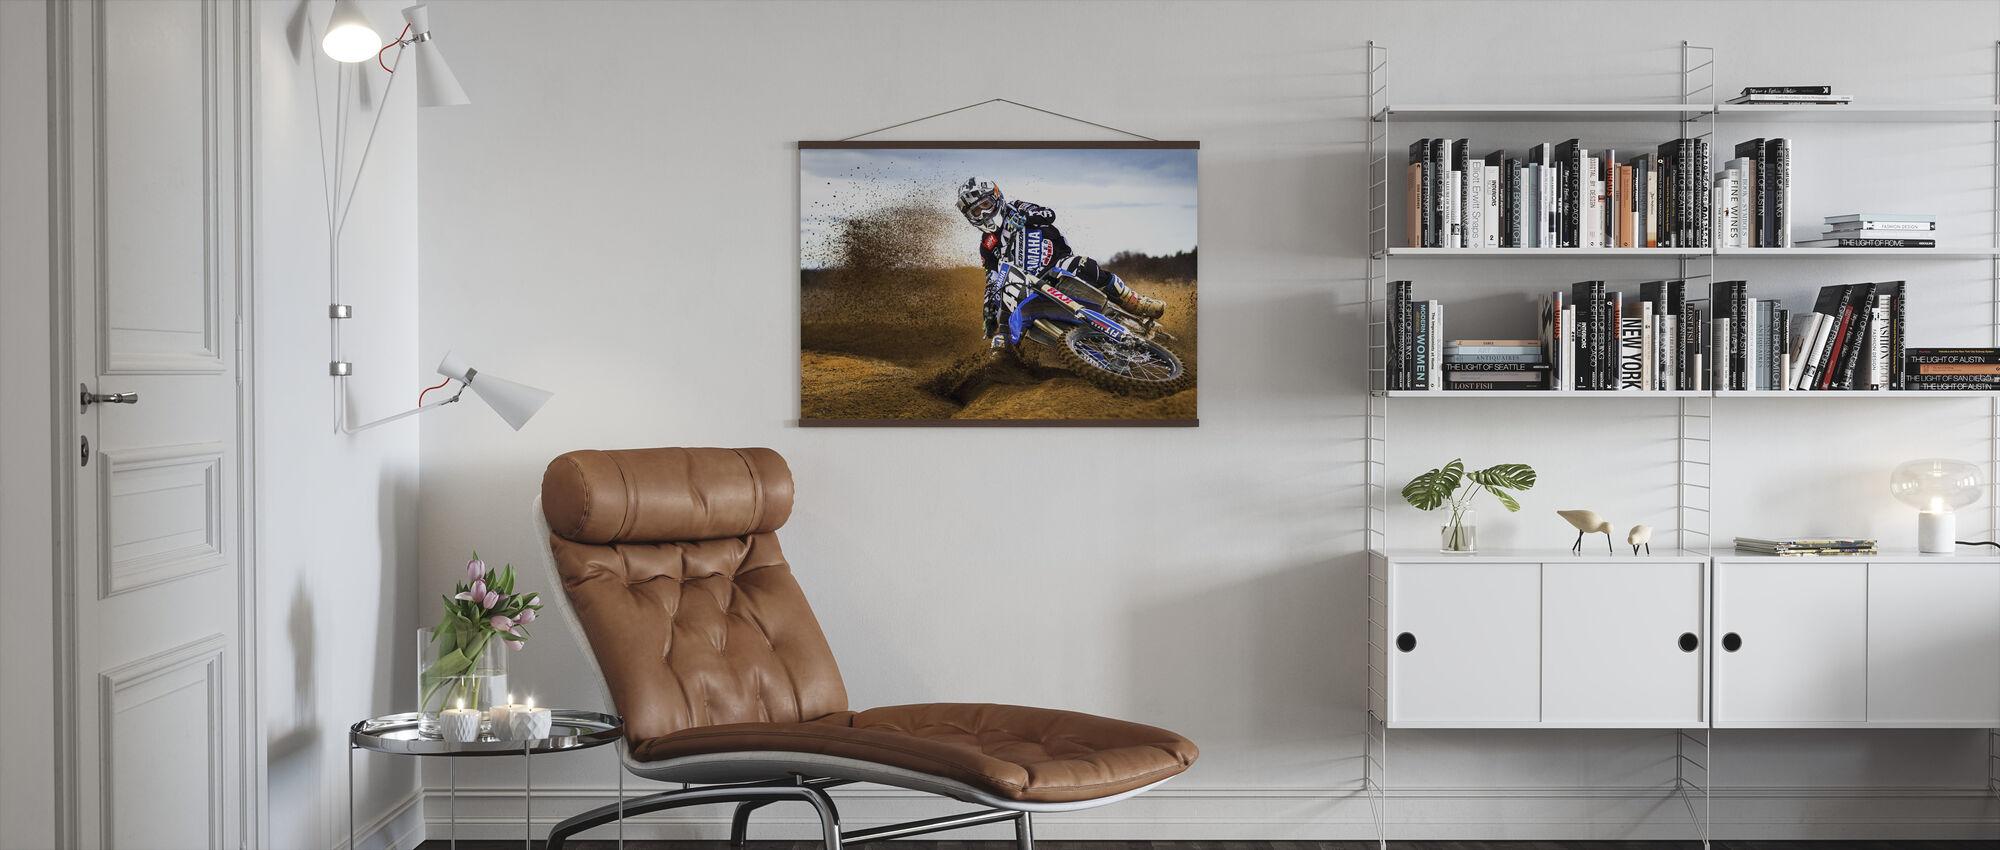 Desert King - Plakat - Stue